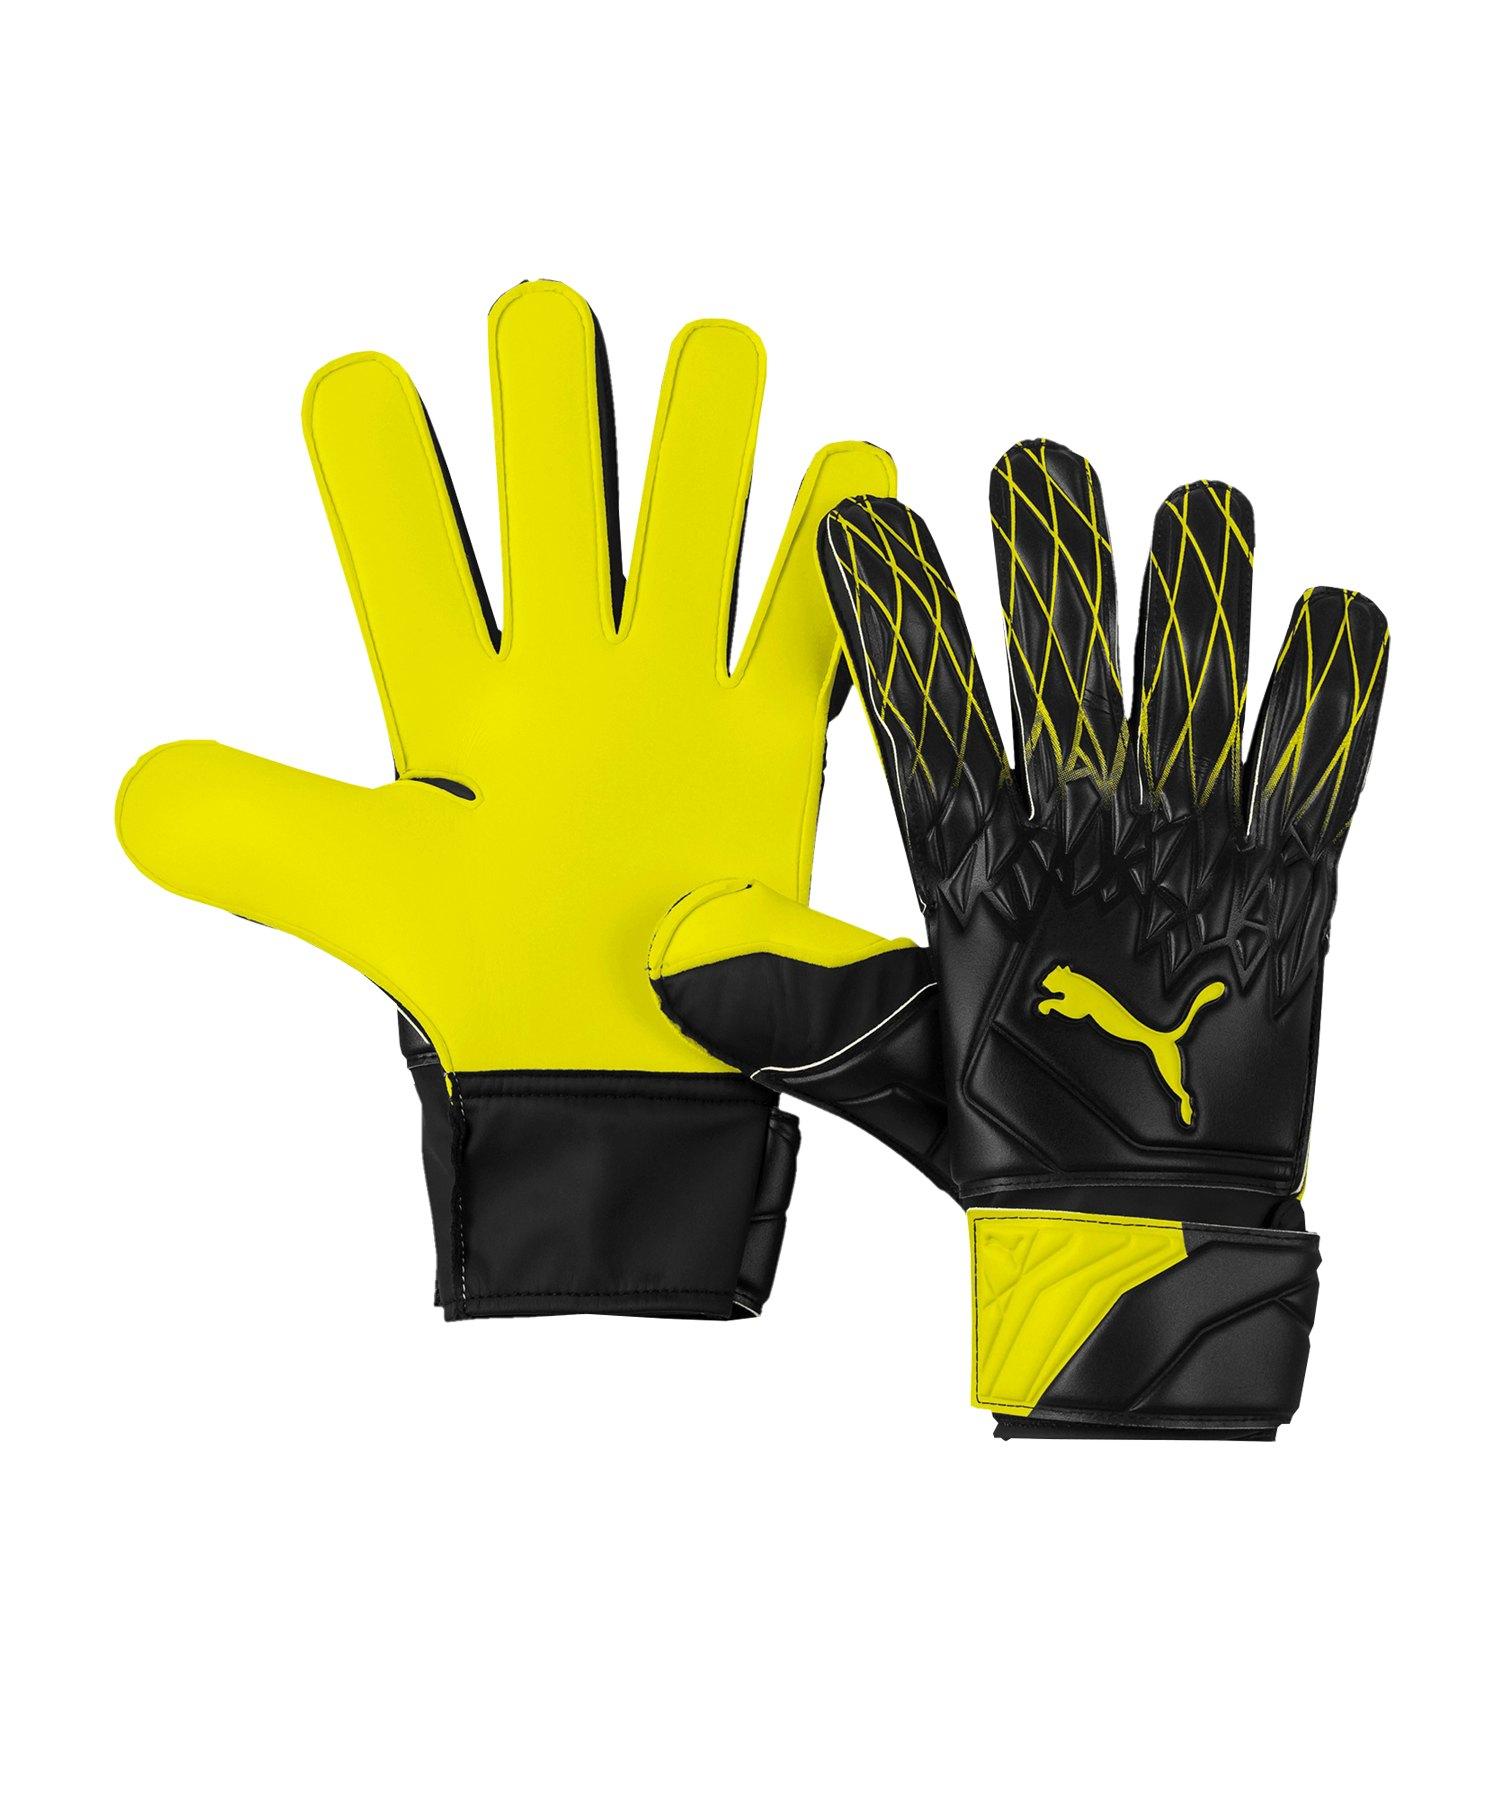 PUMA FUTURE Grip 19.4 TW-Handschuh Schwarz F05 - Schwarz